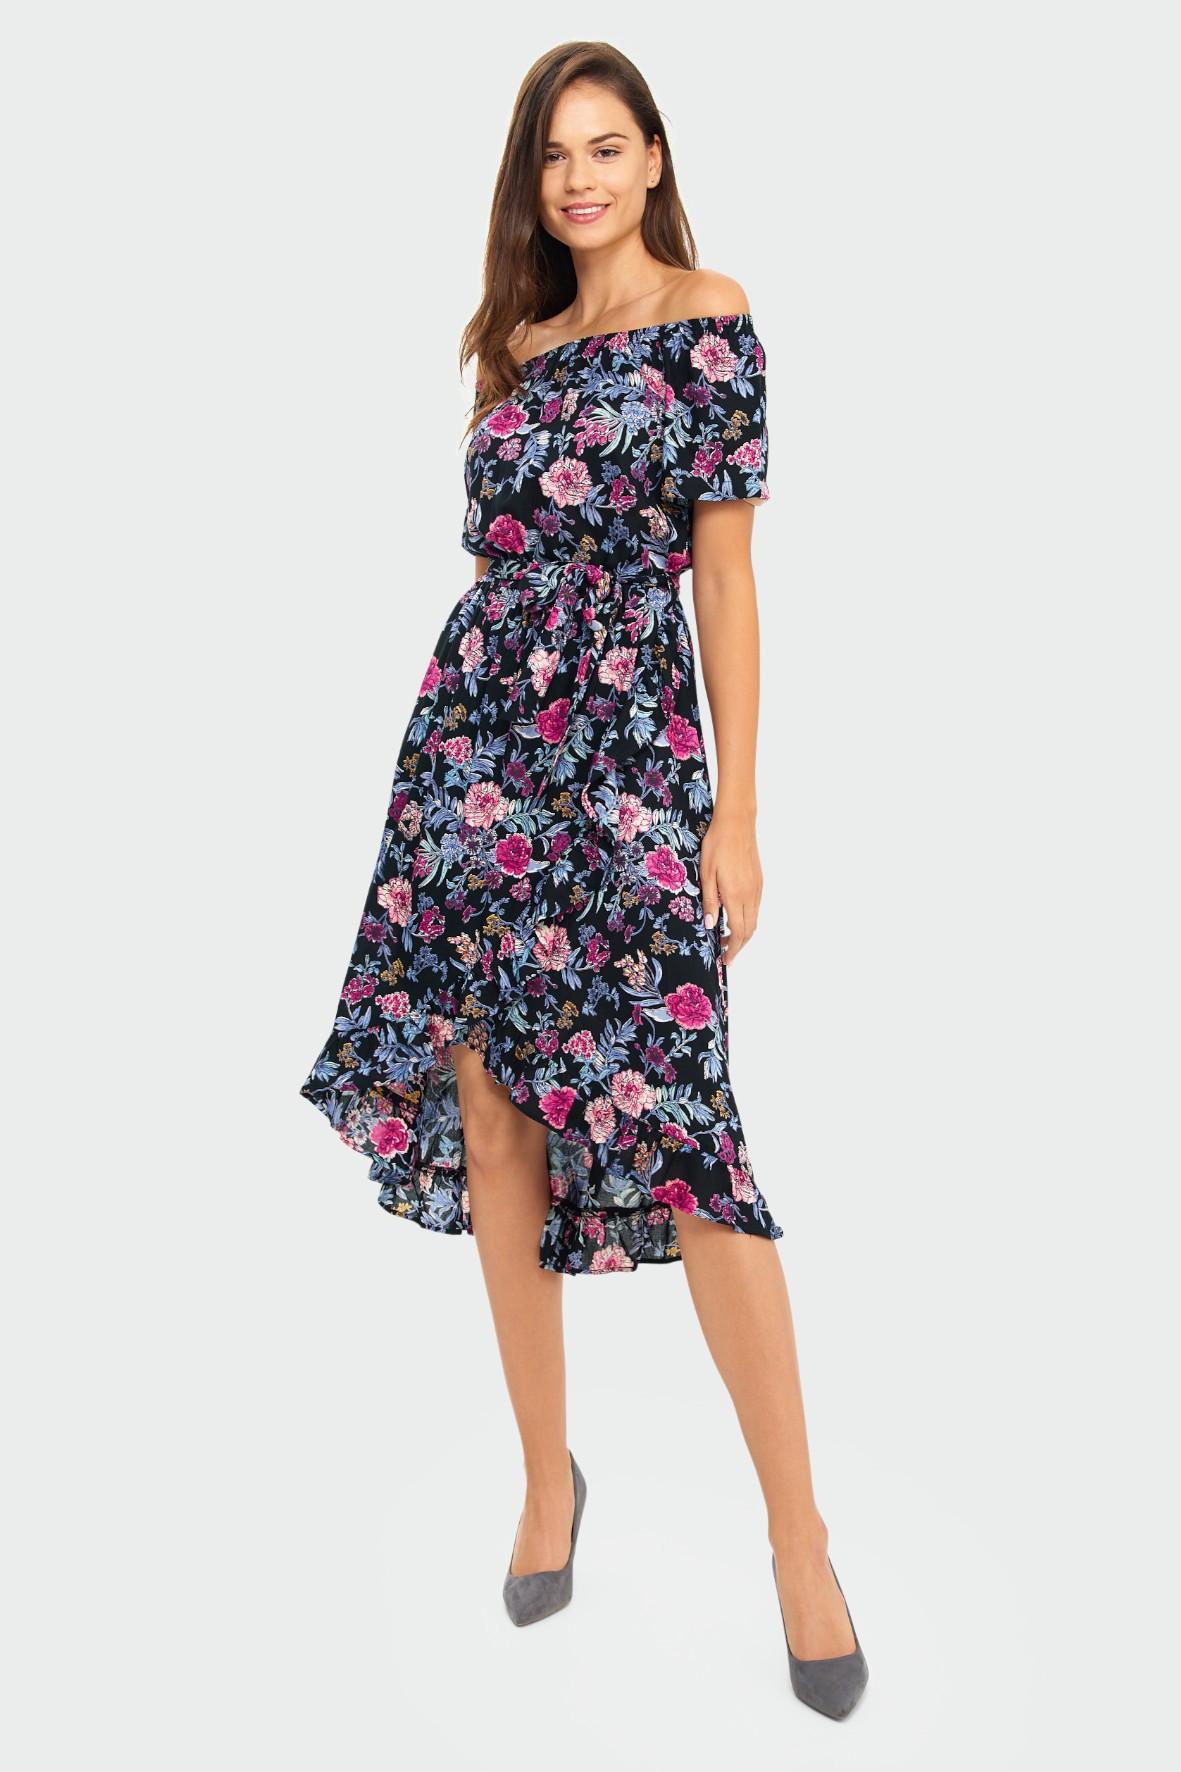 Wiskozowa sukienka z kwiatowym nadrukiem typu hiszpanka